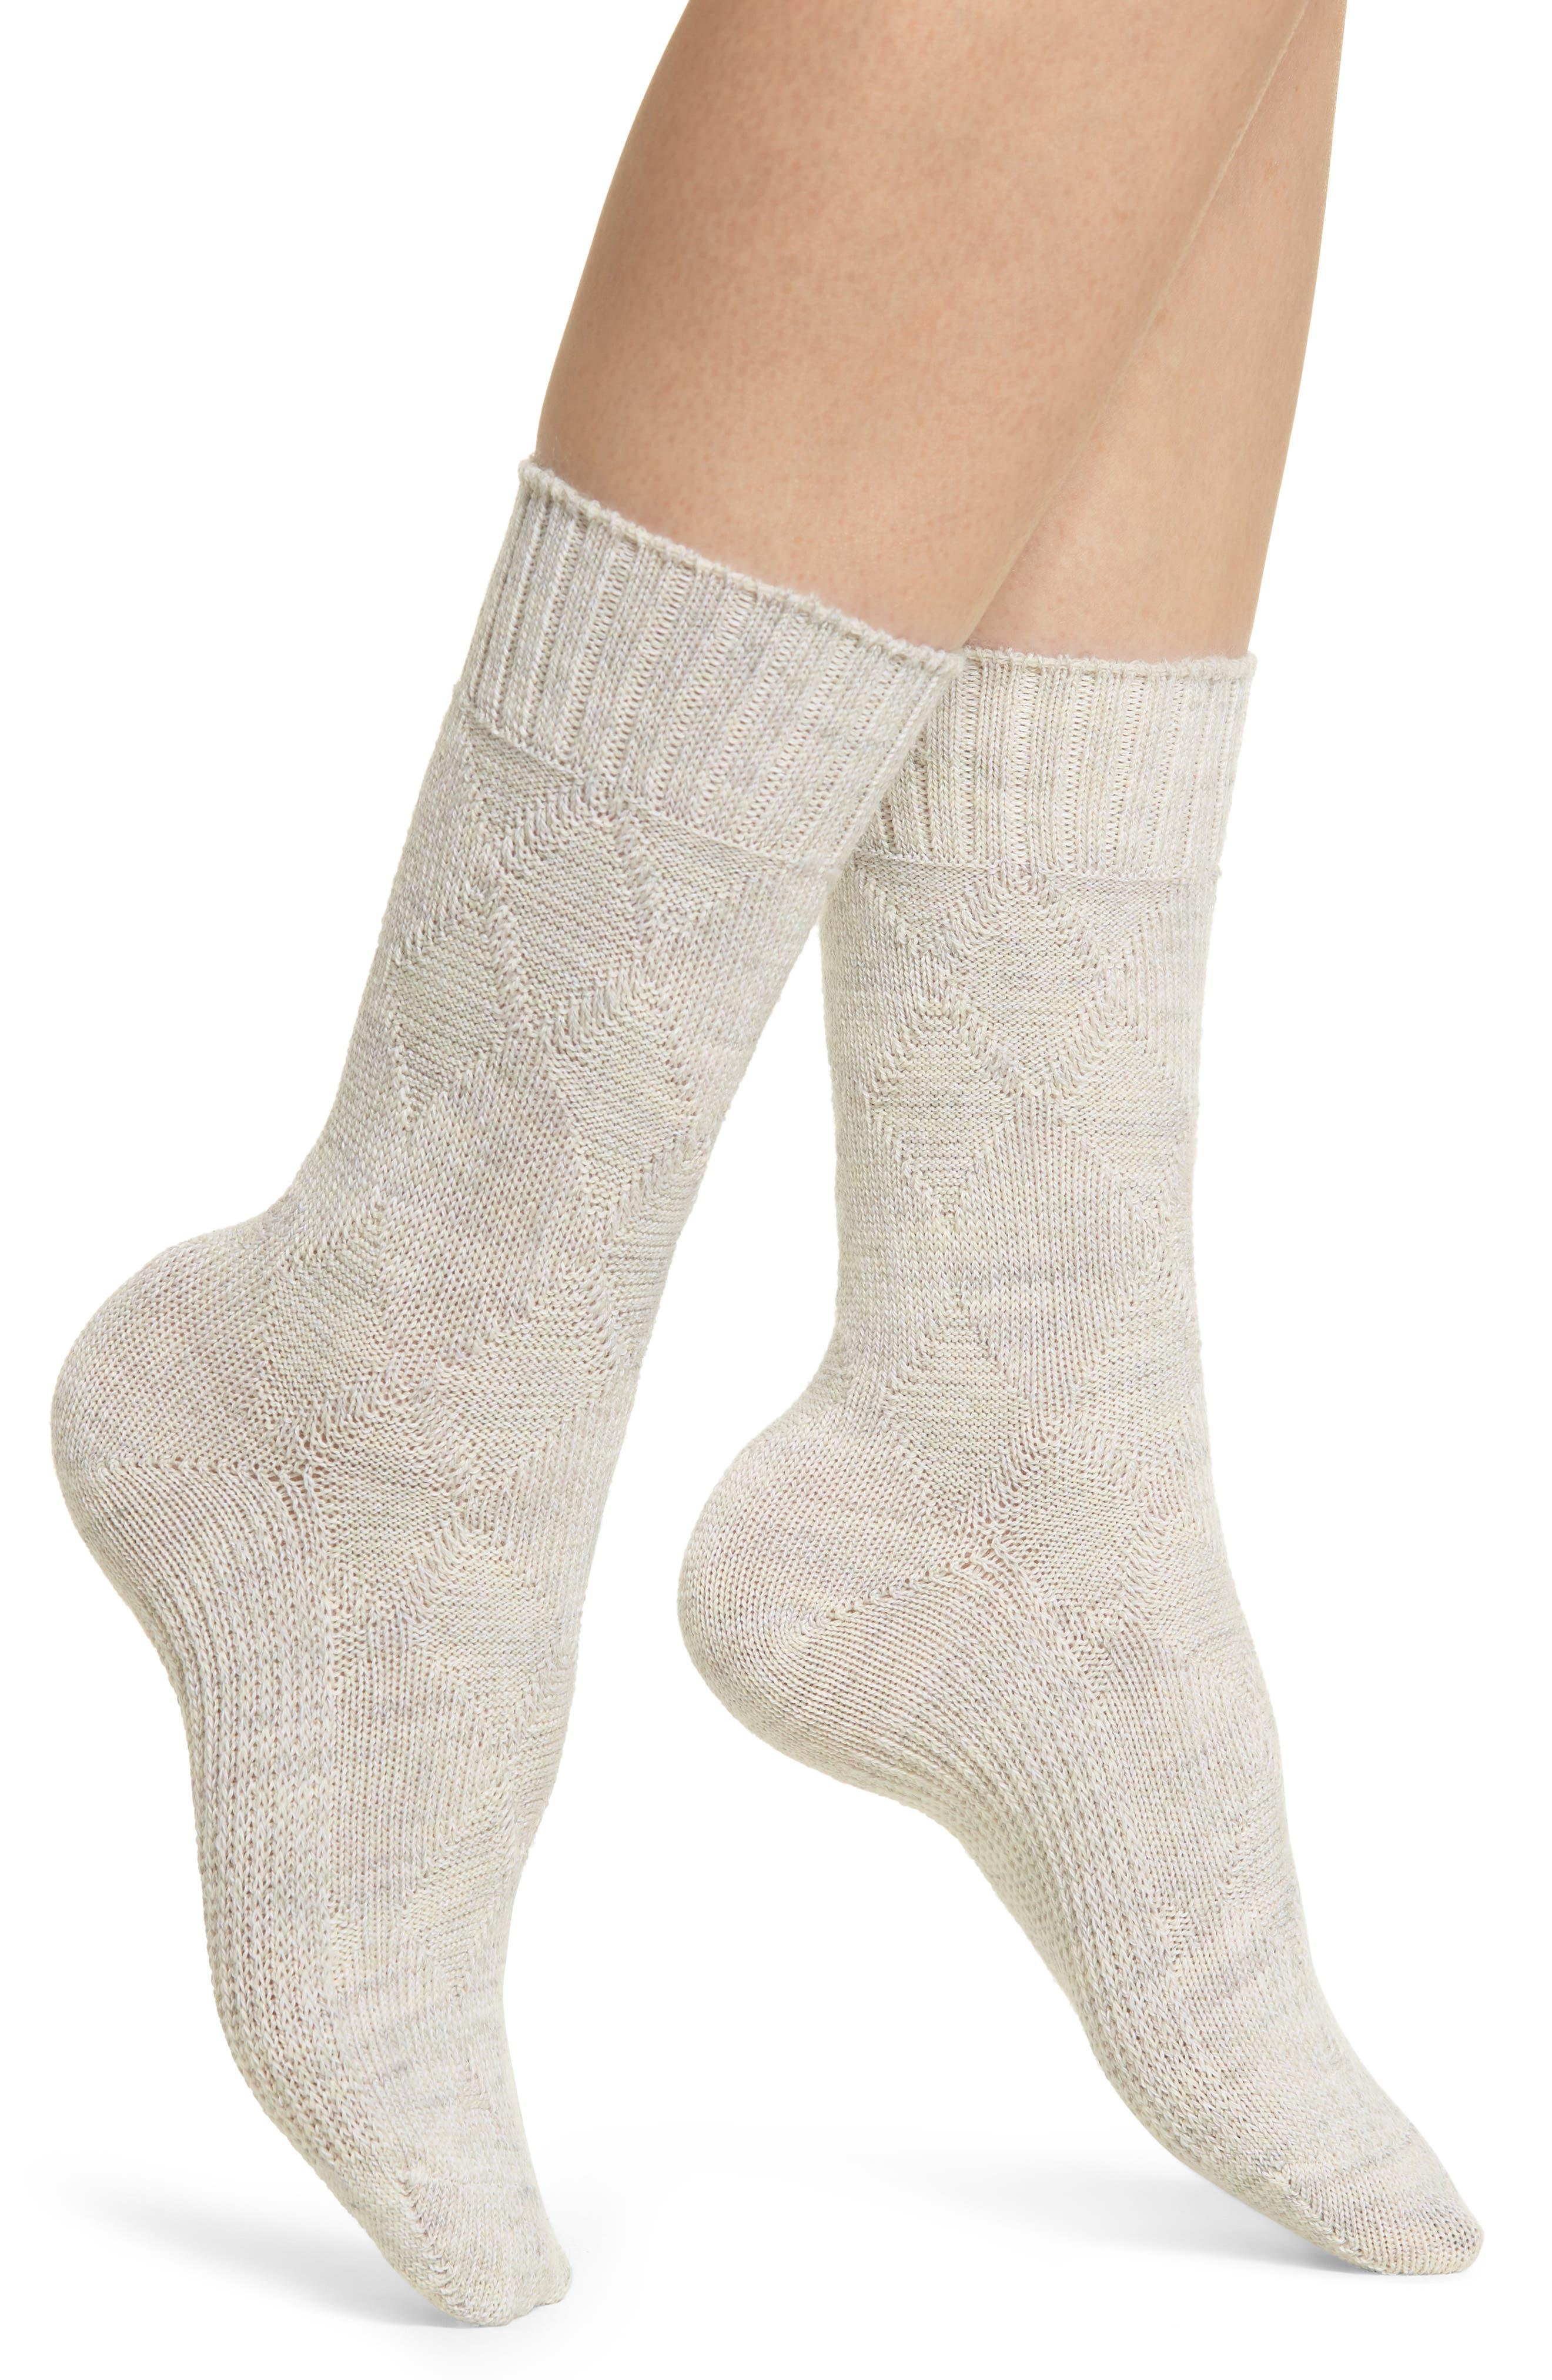 Moonridge Premium Crew Socks,                         Main,                         color, MOONBEAM HEATHER